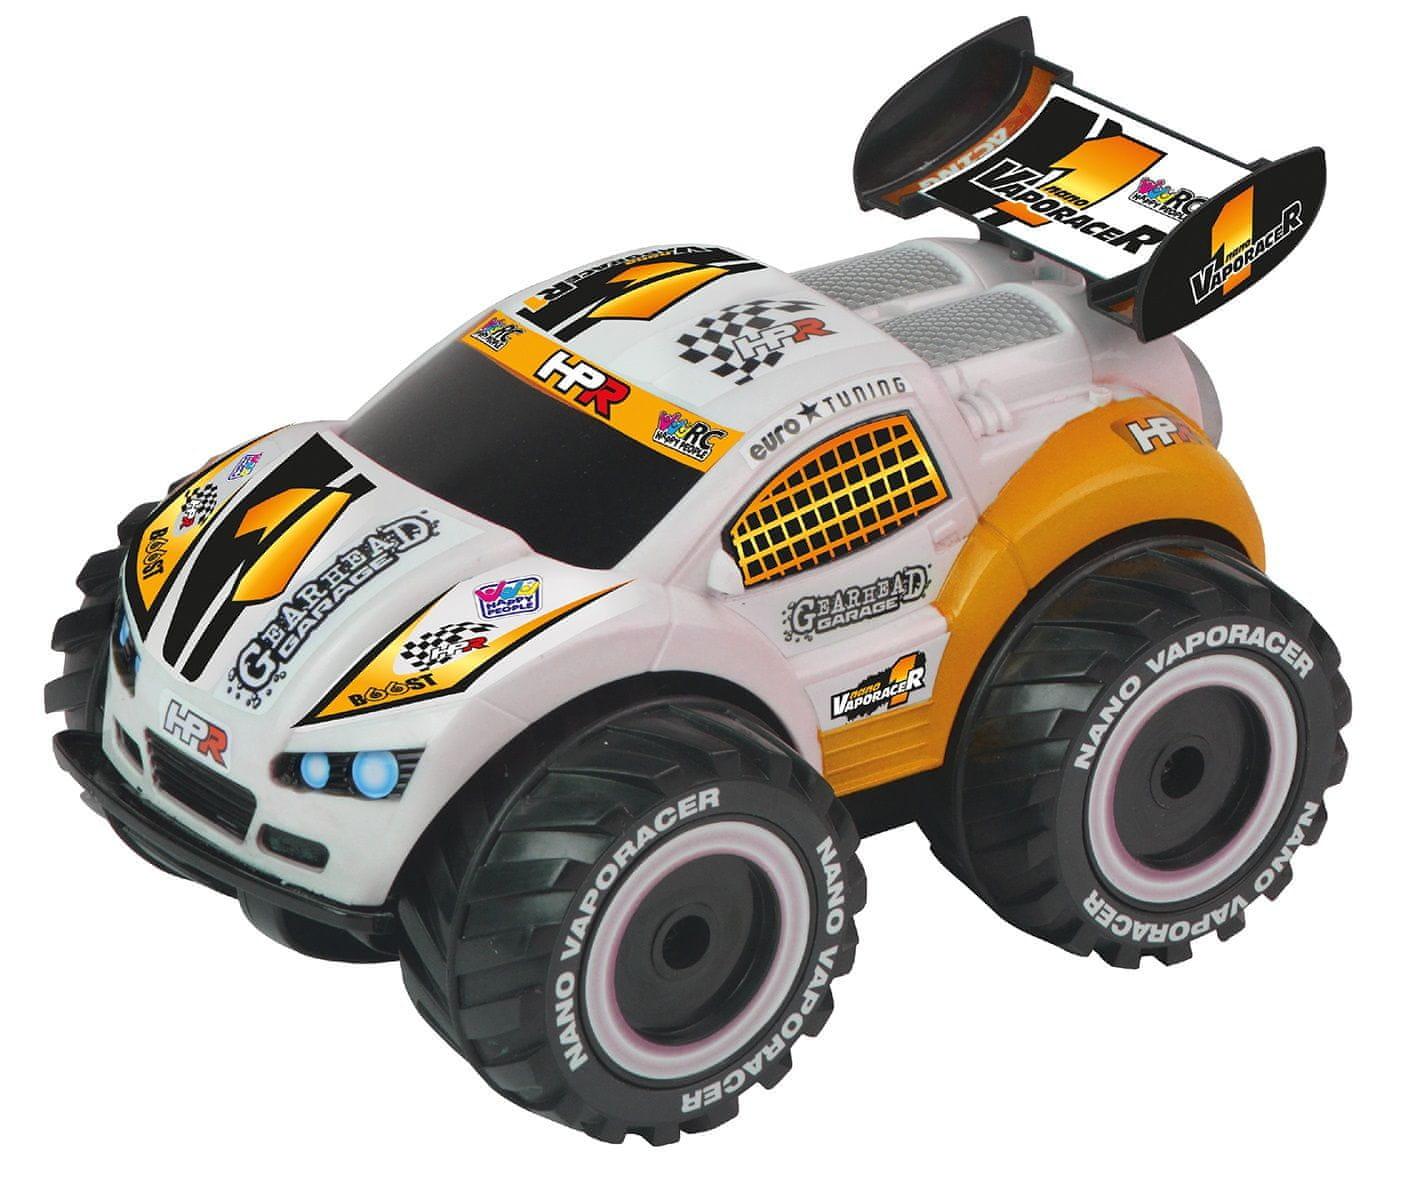 Dárek pro teenagery obojživelné auto VaporaceR Amphibious Happy People